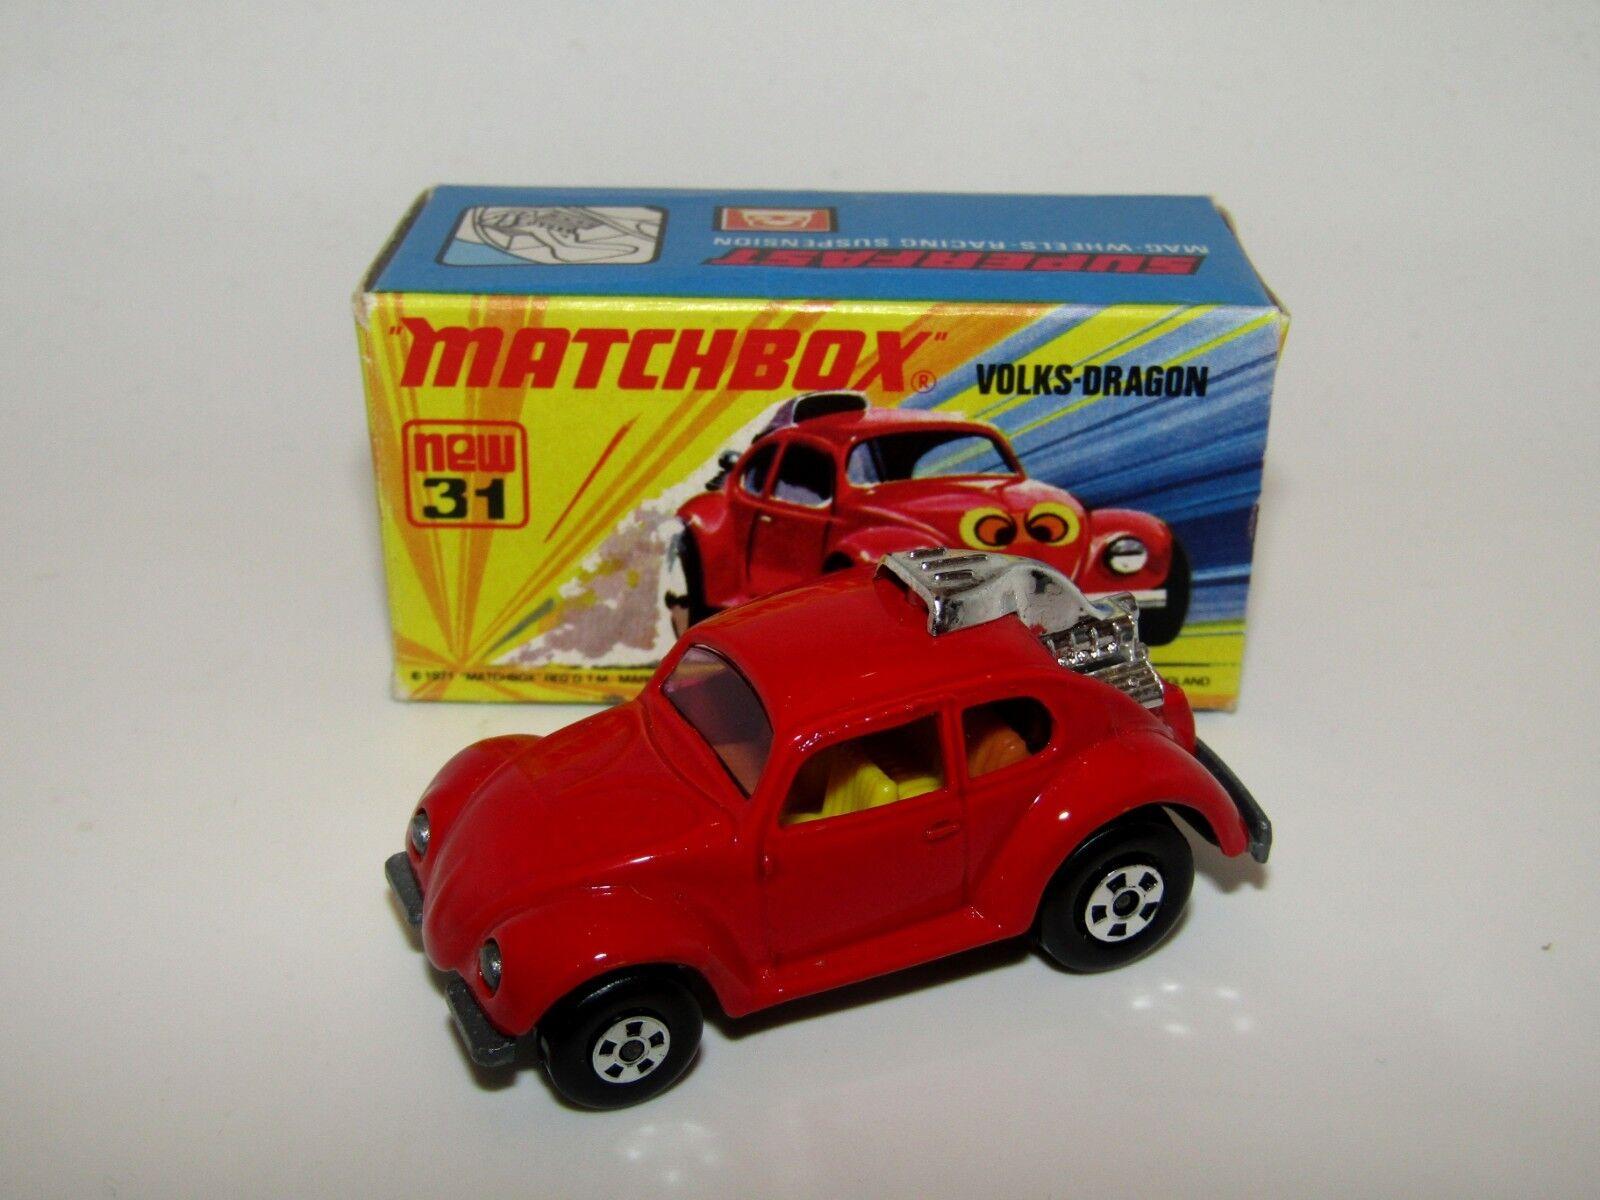 MATCHBOX SUPERFAST N. 31 Volks-Drago Rosso Scuro Giallo Interno NO LABEL Nuovo di zecca con scatola